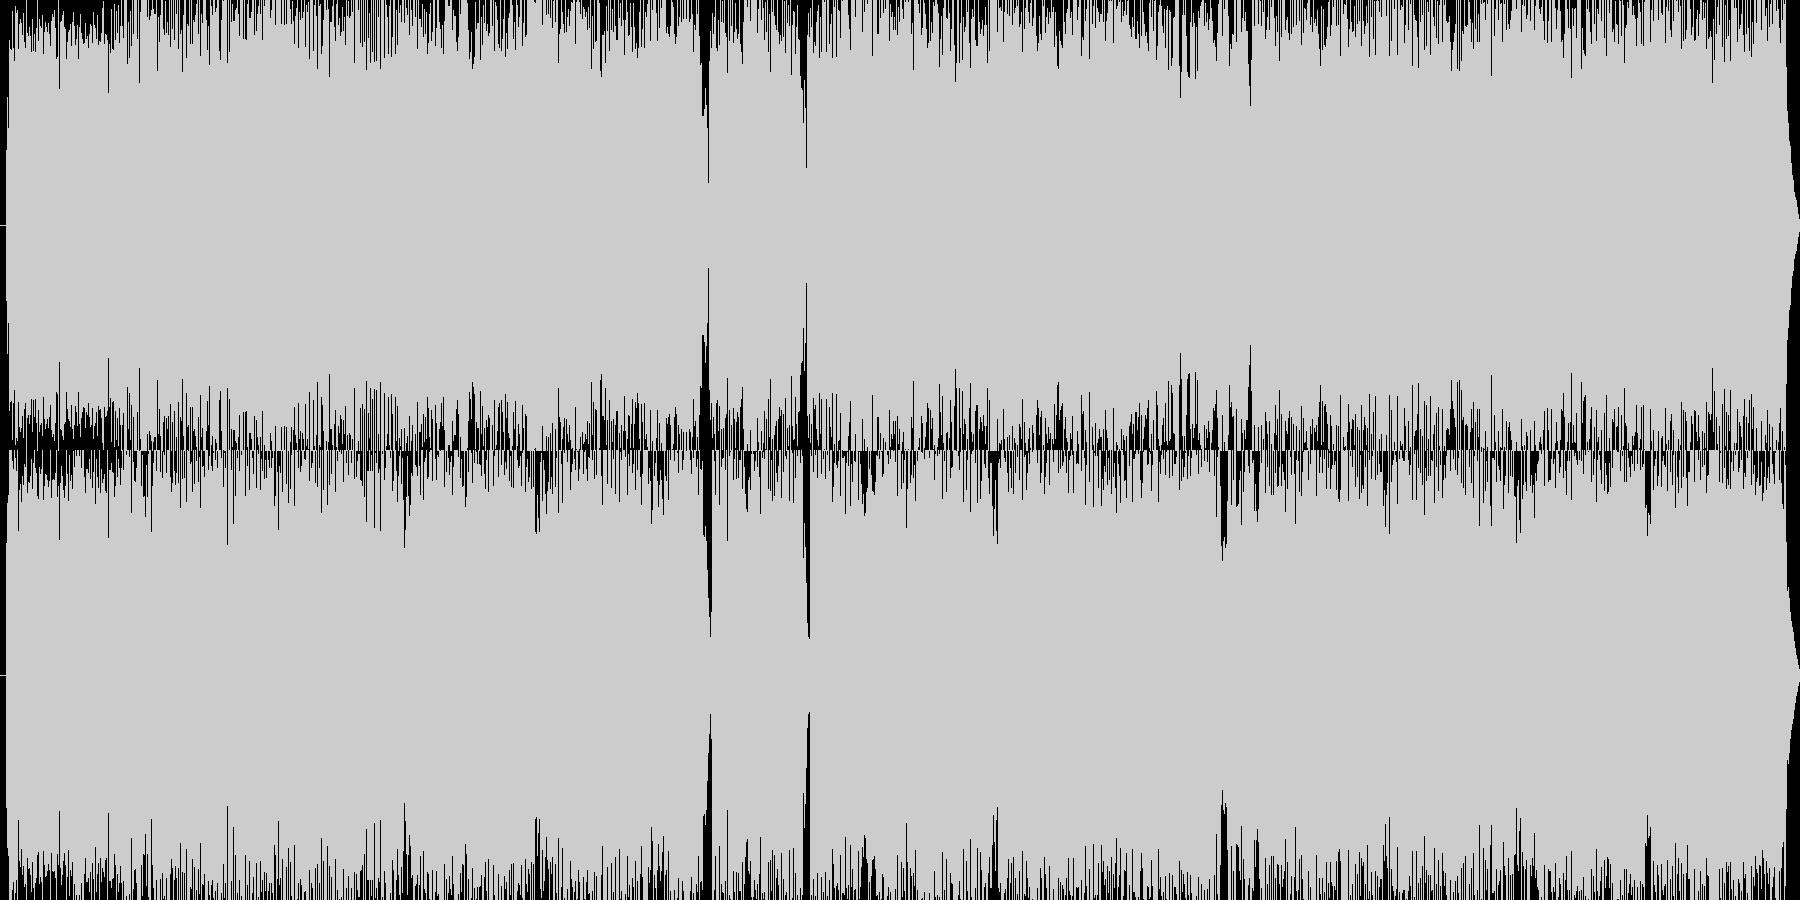 ホラー系に最適なグラインドコアの未再生の波形